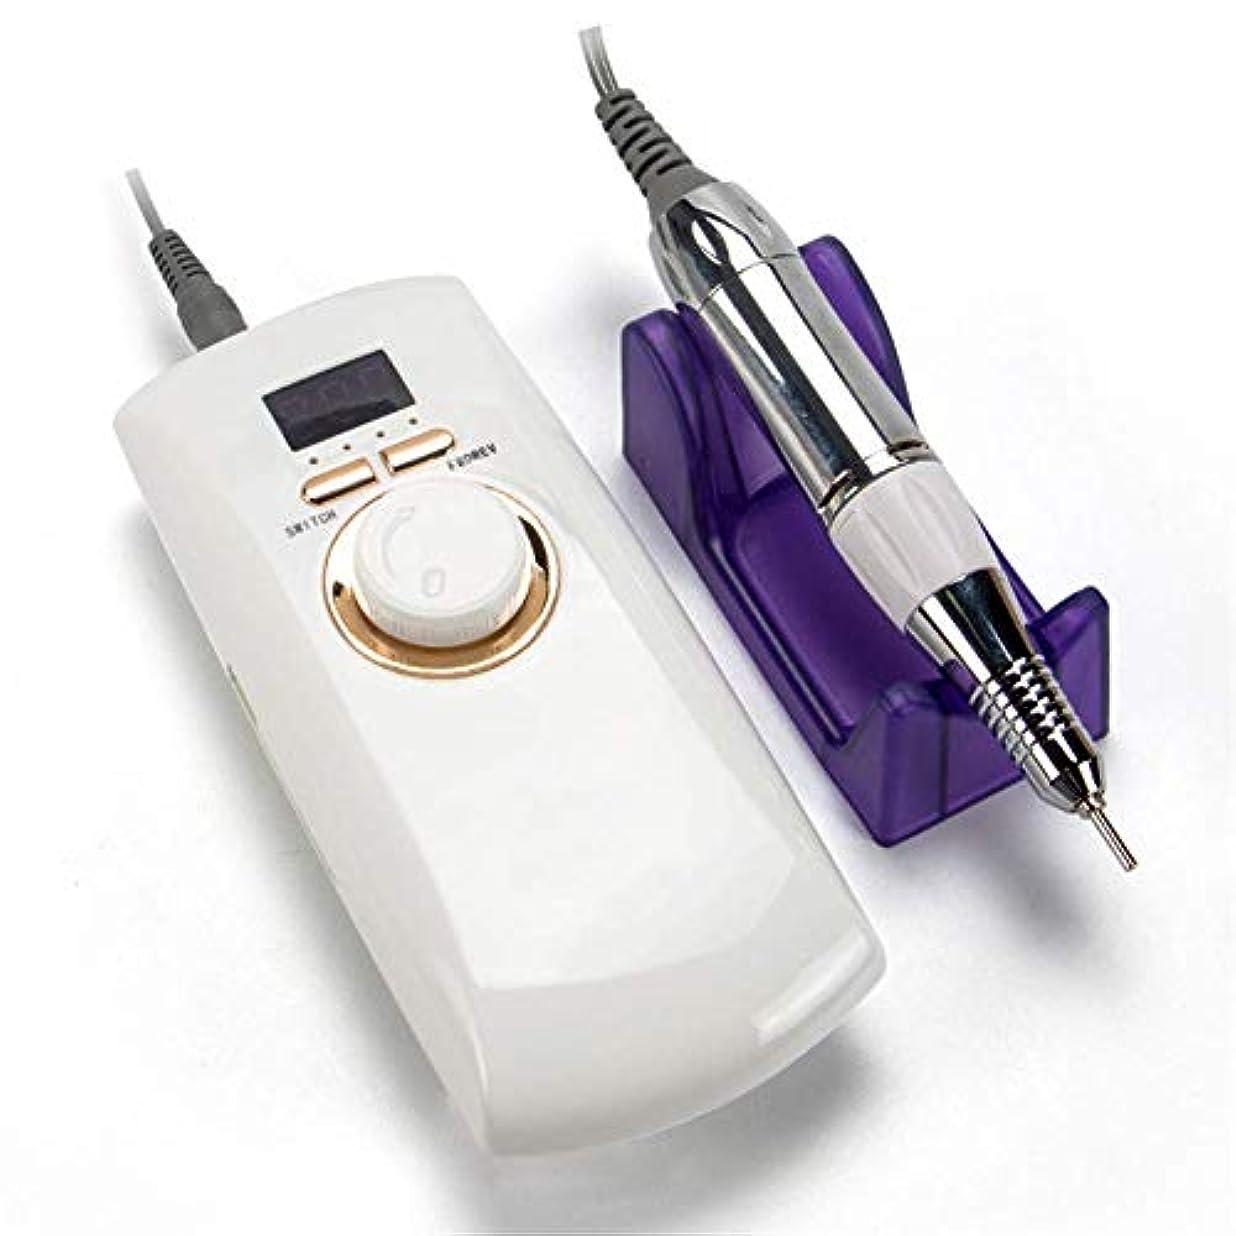 乳密フィードマニキュアツールポータブルネイルポリッシュマシン30000 rpm充電式電気機械ペディキュアアクリル電気ネイルアートドリル機